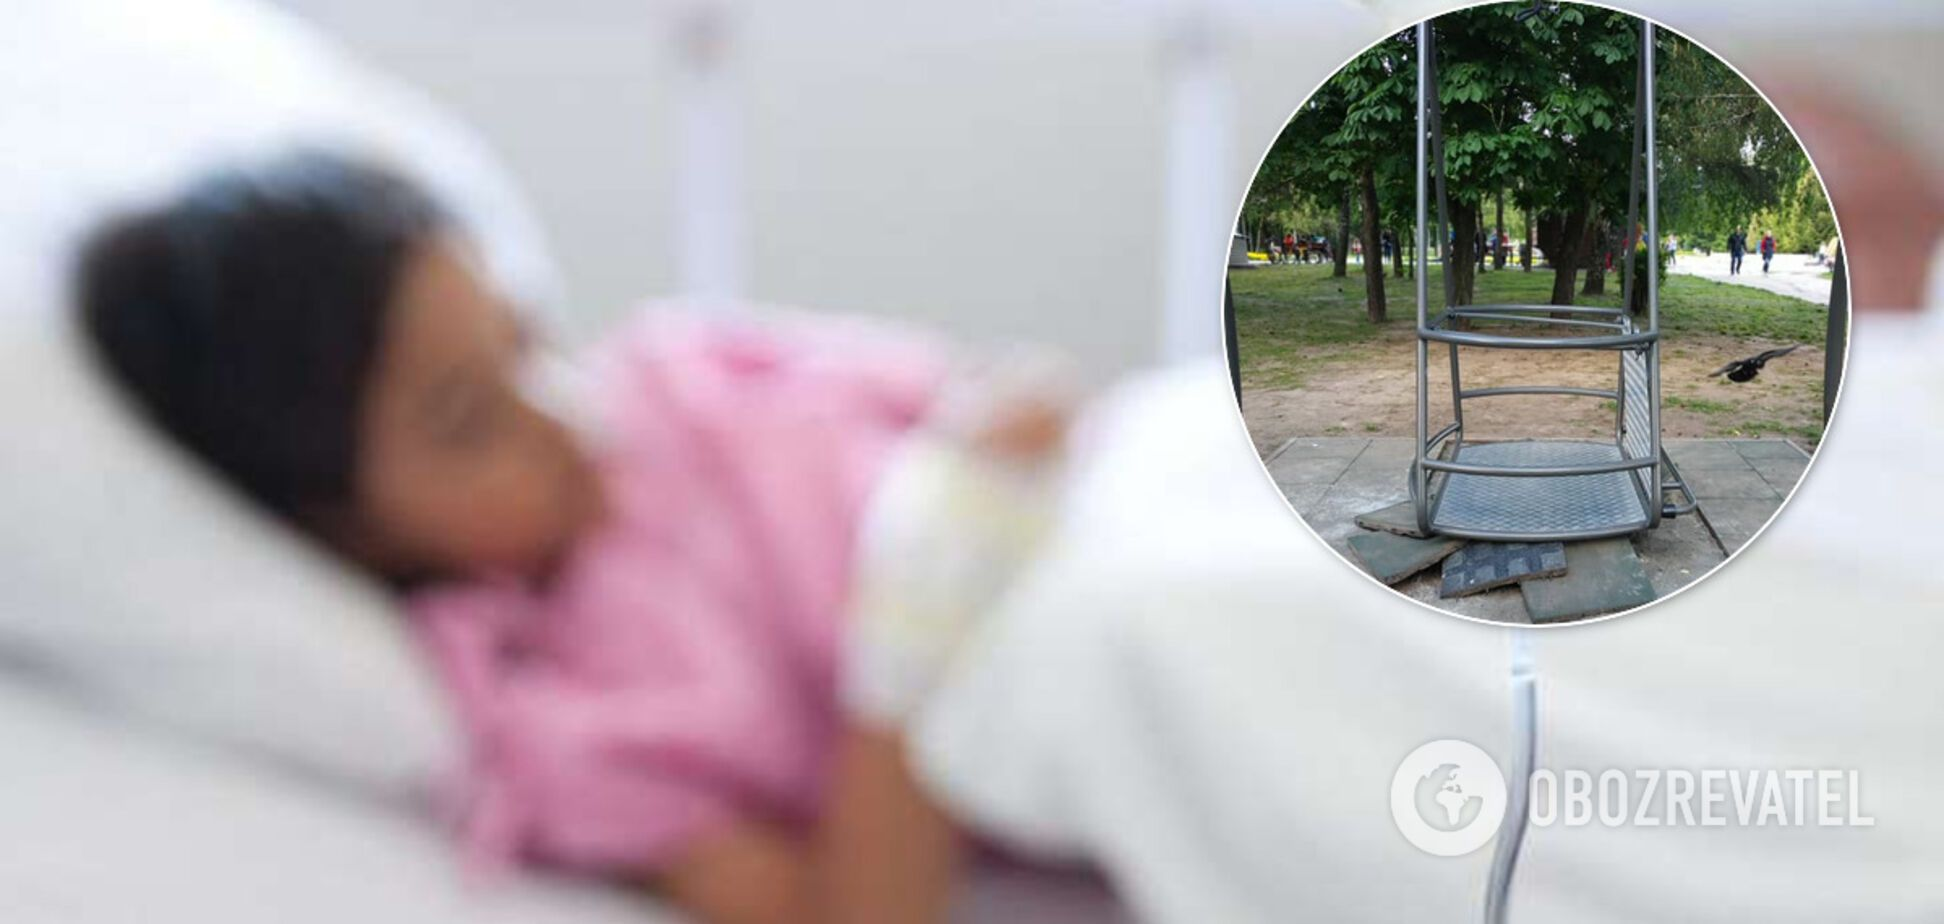 Под Киевом девочка упала и застряла под качелями. Иллюстрация